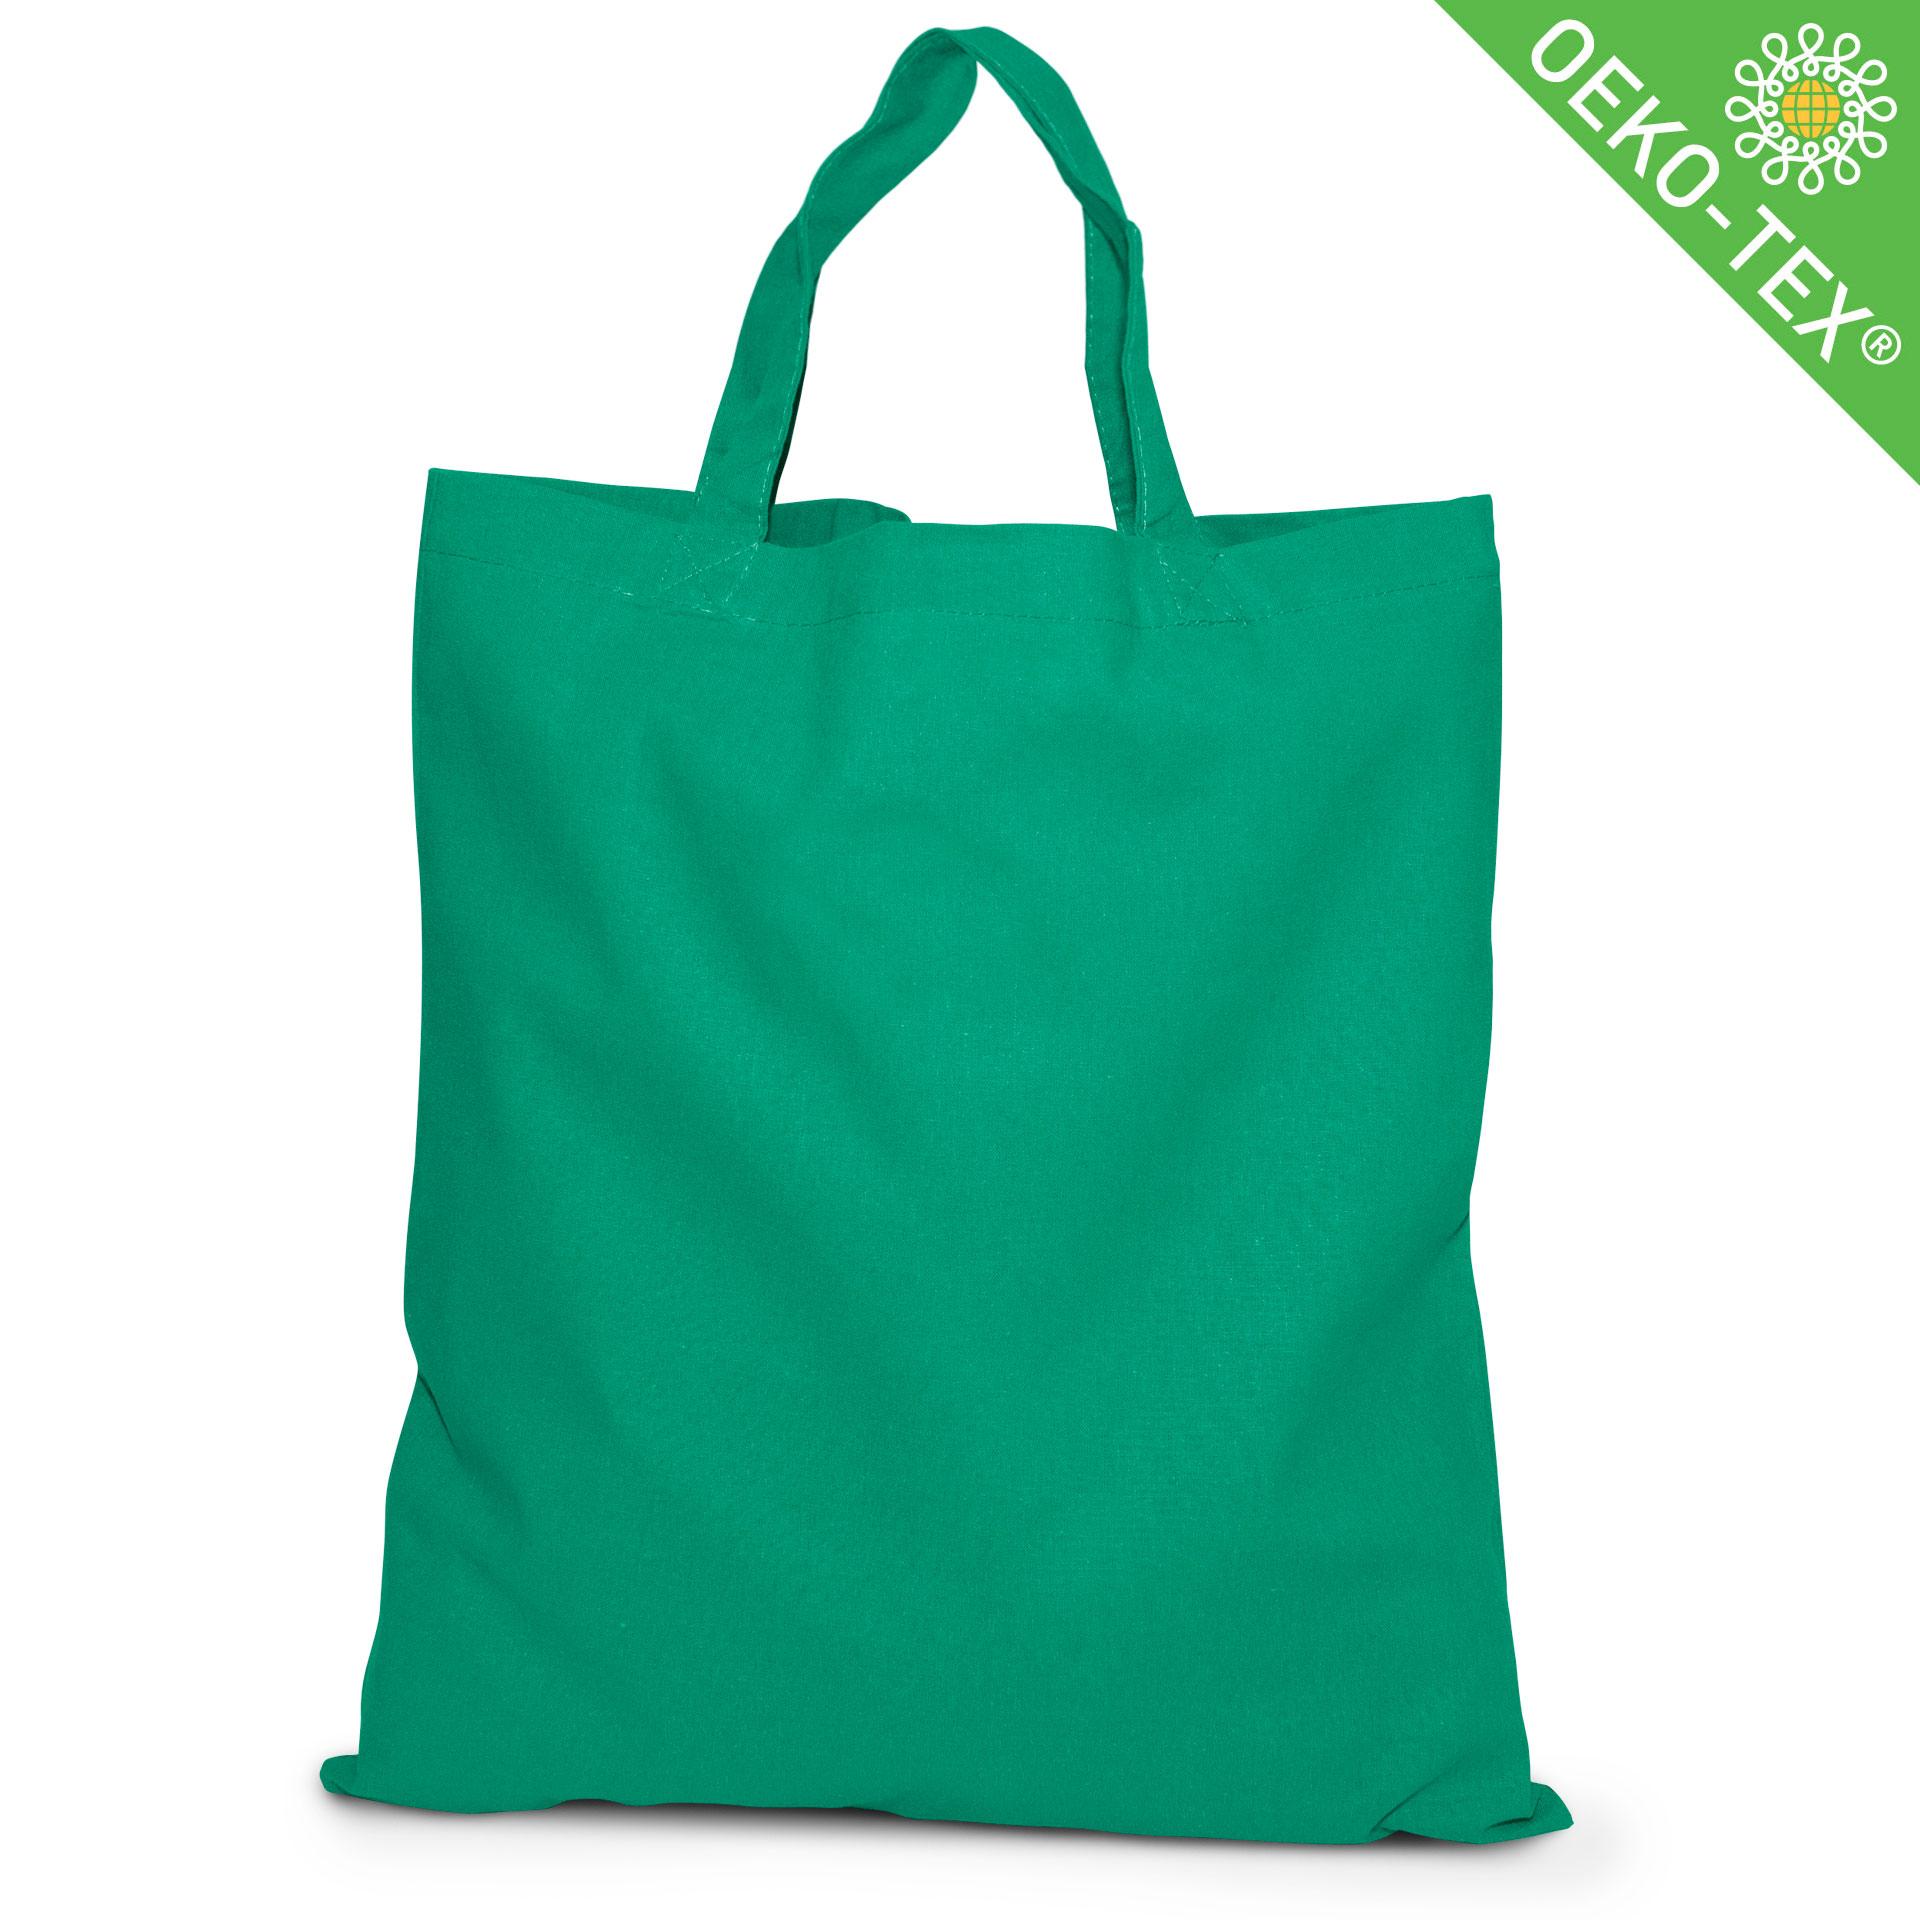 20 Kapstadt Baumwolltasche mit kurzen Henkeln, Farbe: grün